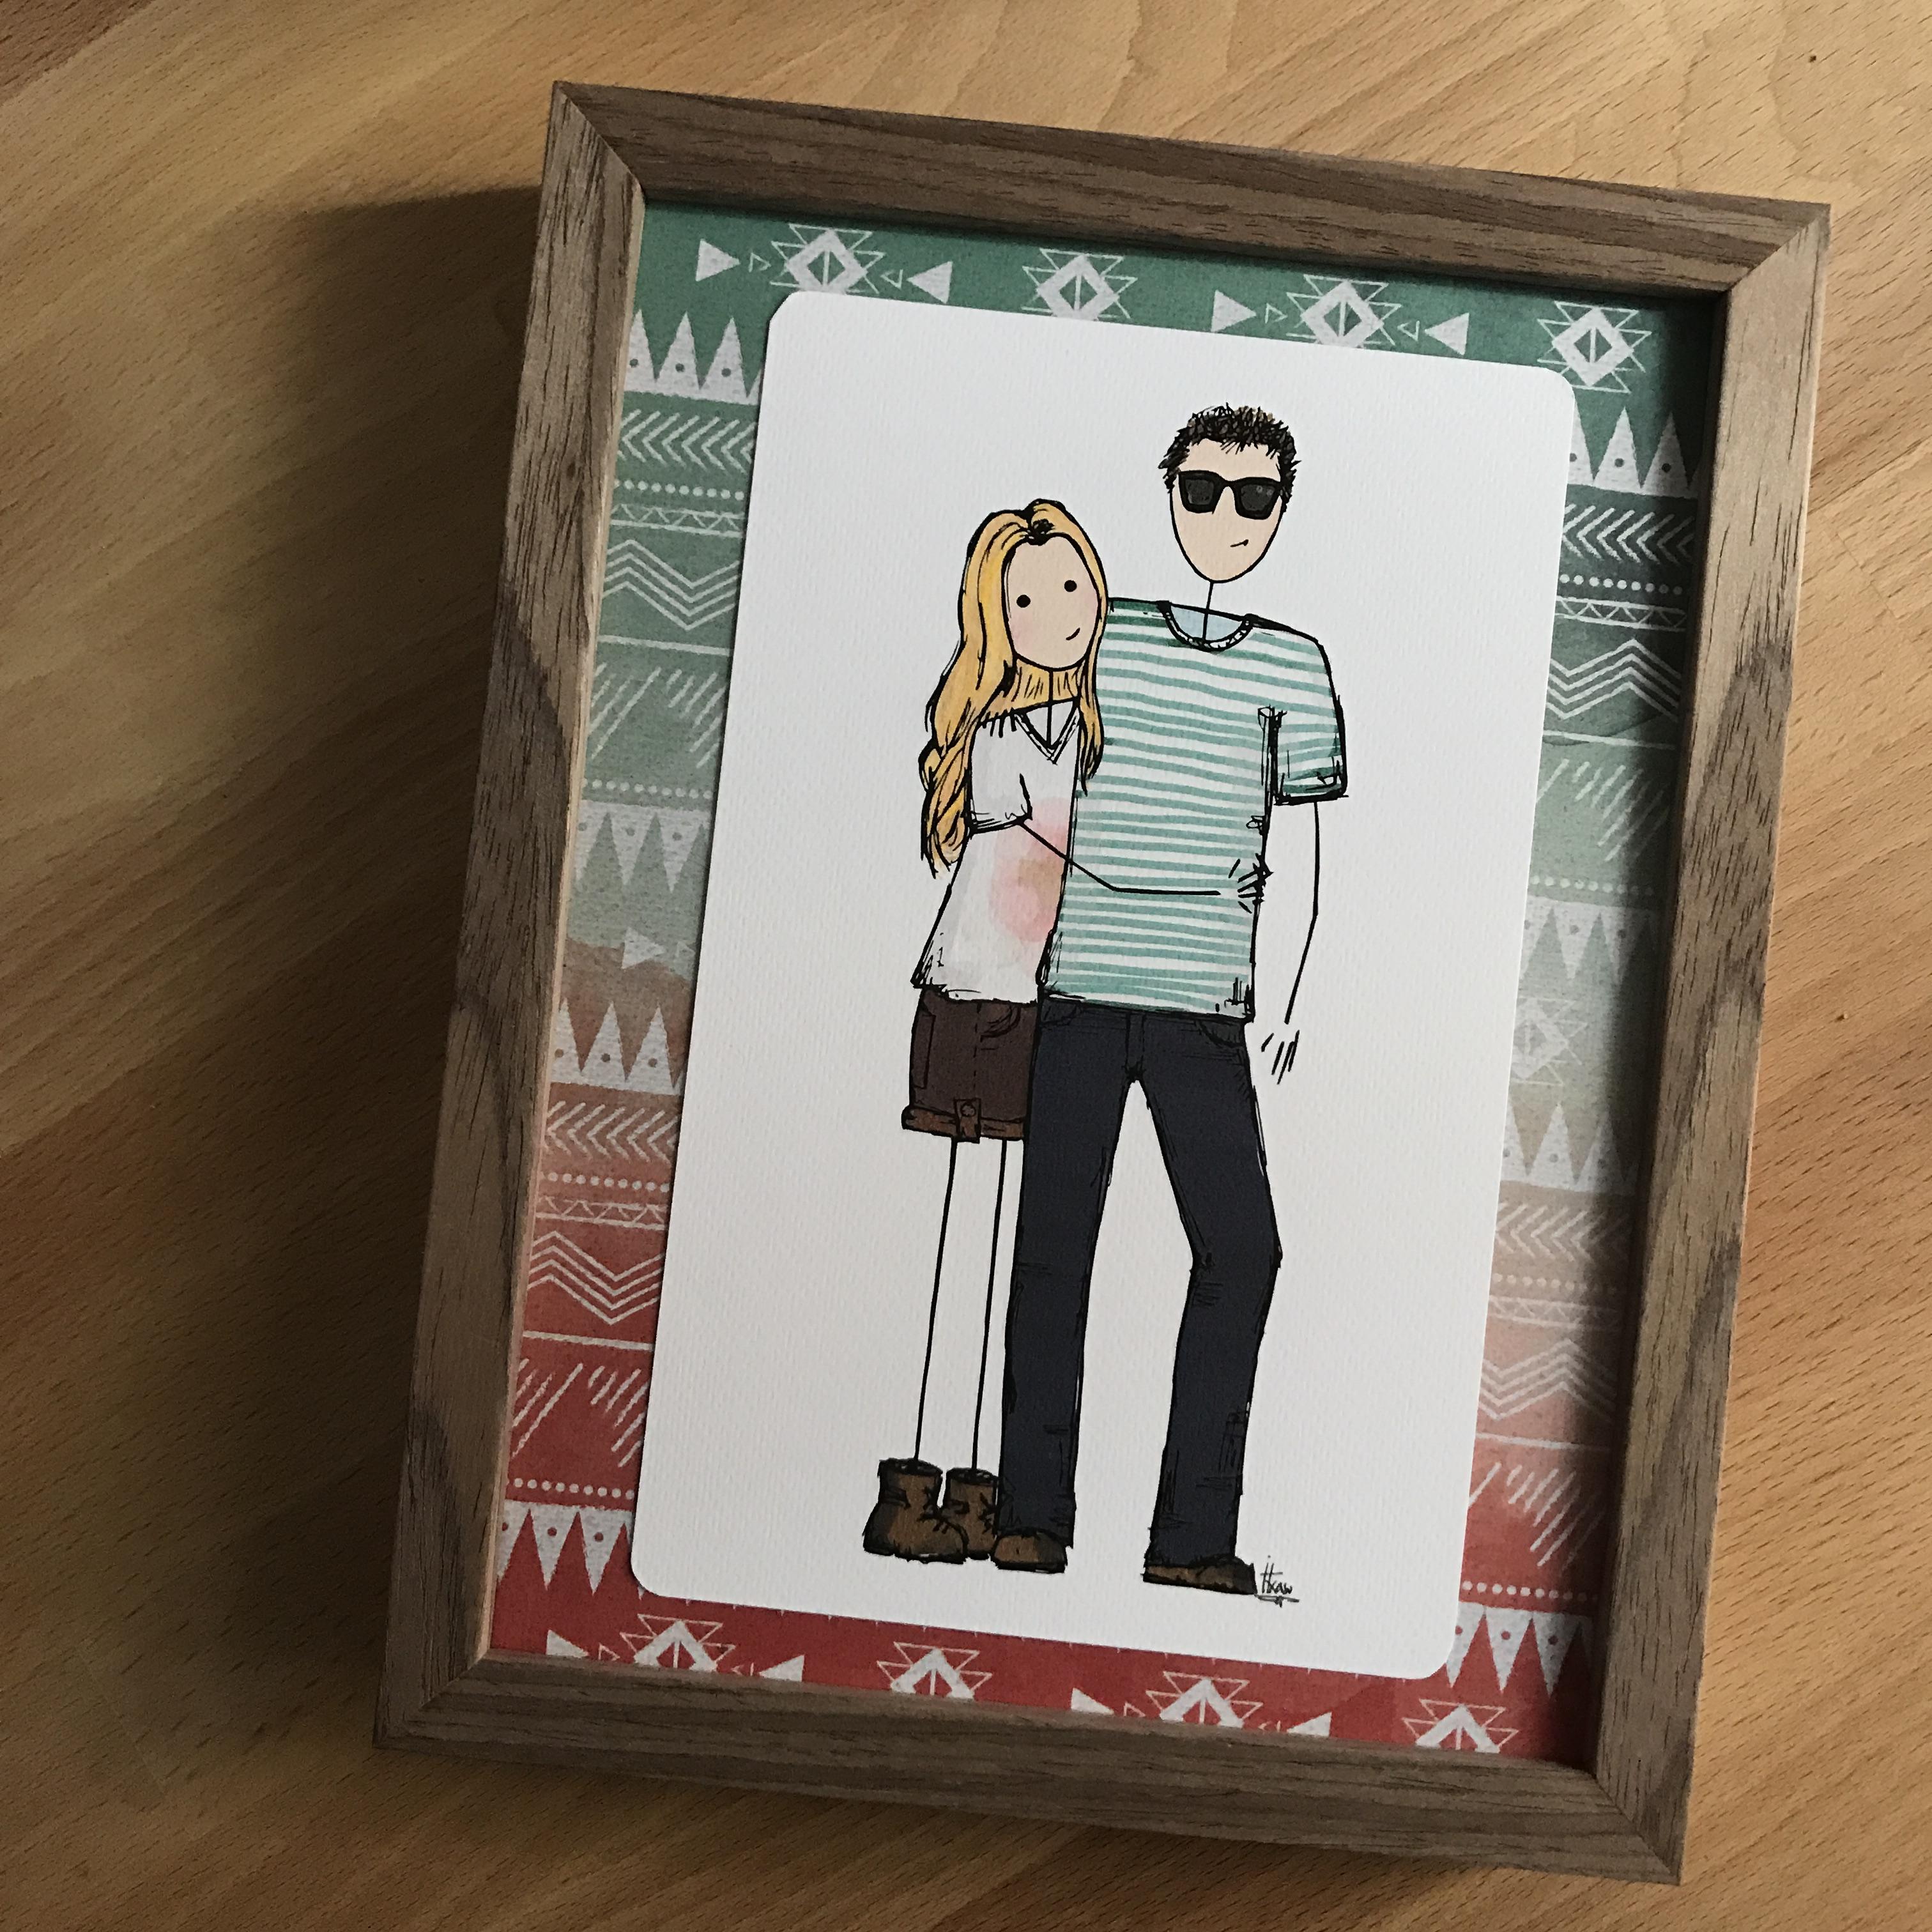 la ilustracin es un regalo para su pareja y ya est en la que va a ser su nueva casa en una nueva etapa en la que le deseo muchsima suerte